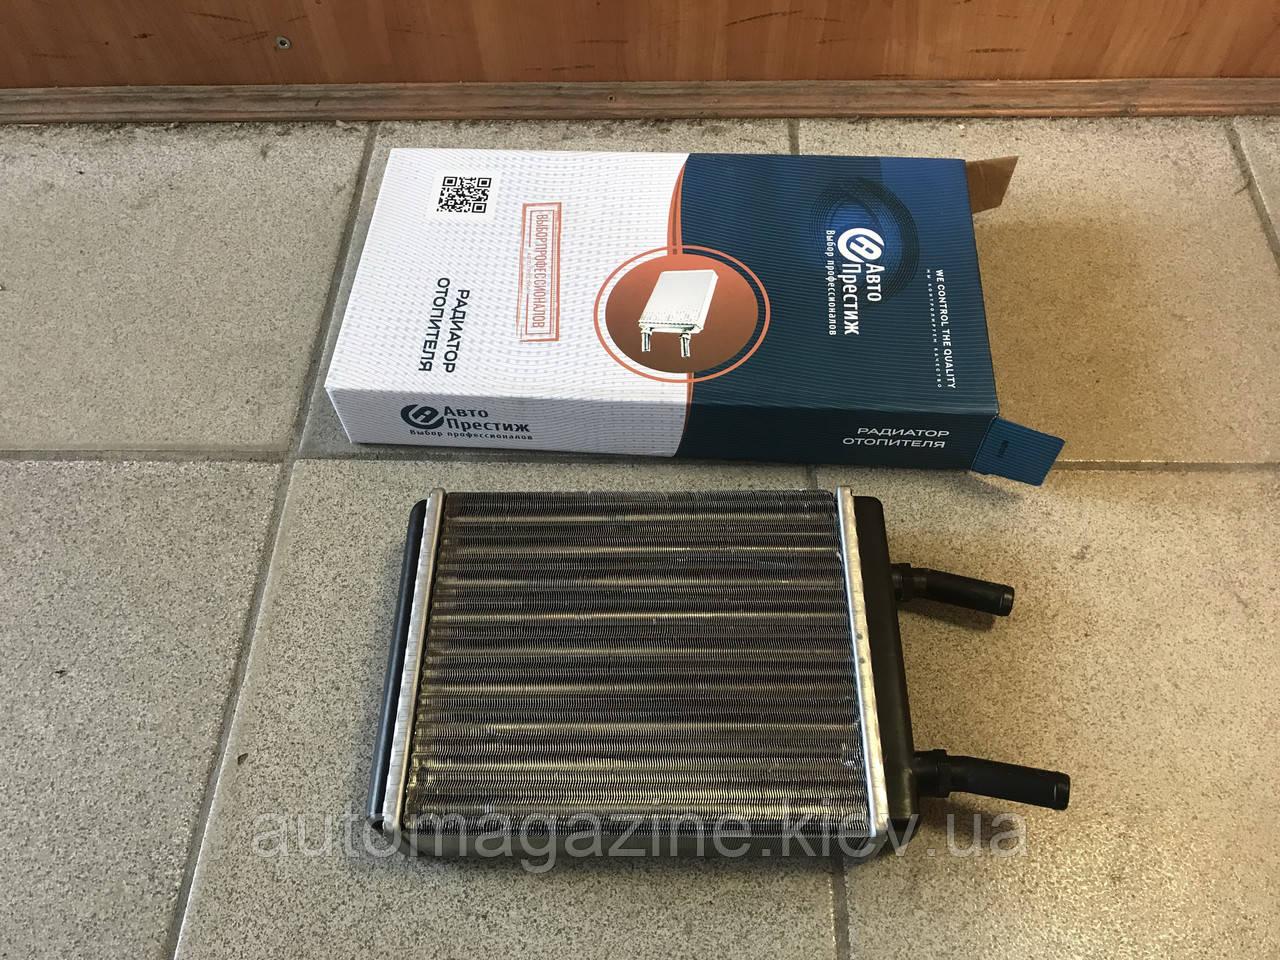 Радиатор отопителя Волга (16мм)